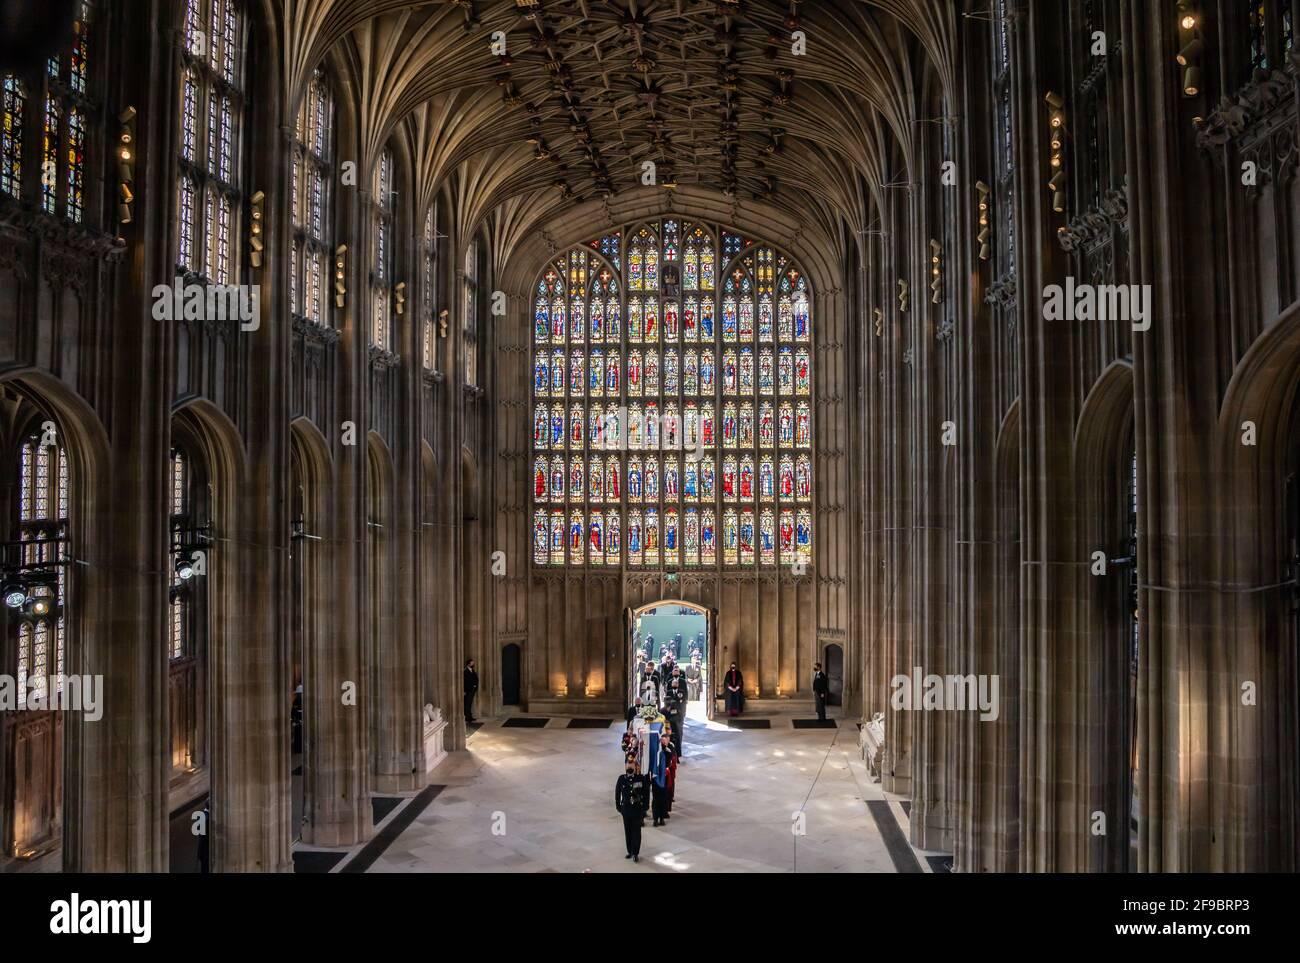 I portatori di Pall che portano la bara del duca di Edimburgo, seguiti dai membri della famiglia reale che entrano nella Cappella di San Giorgio, Castello di Windsor, Berkshire. Data immagine: Sabato 17 aprile 2021. Foto Stock